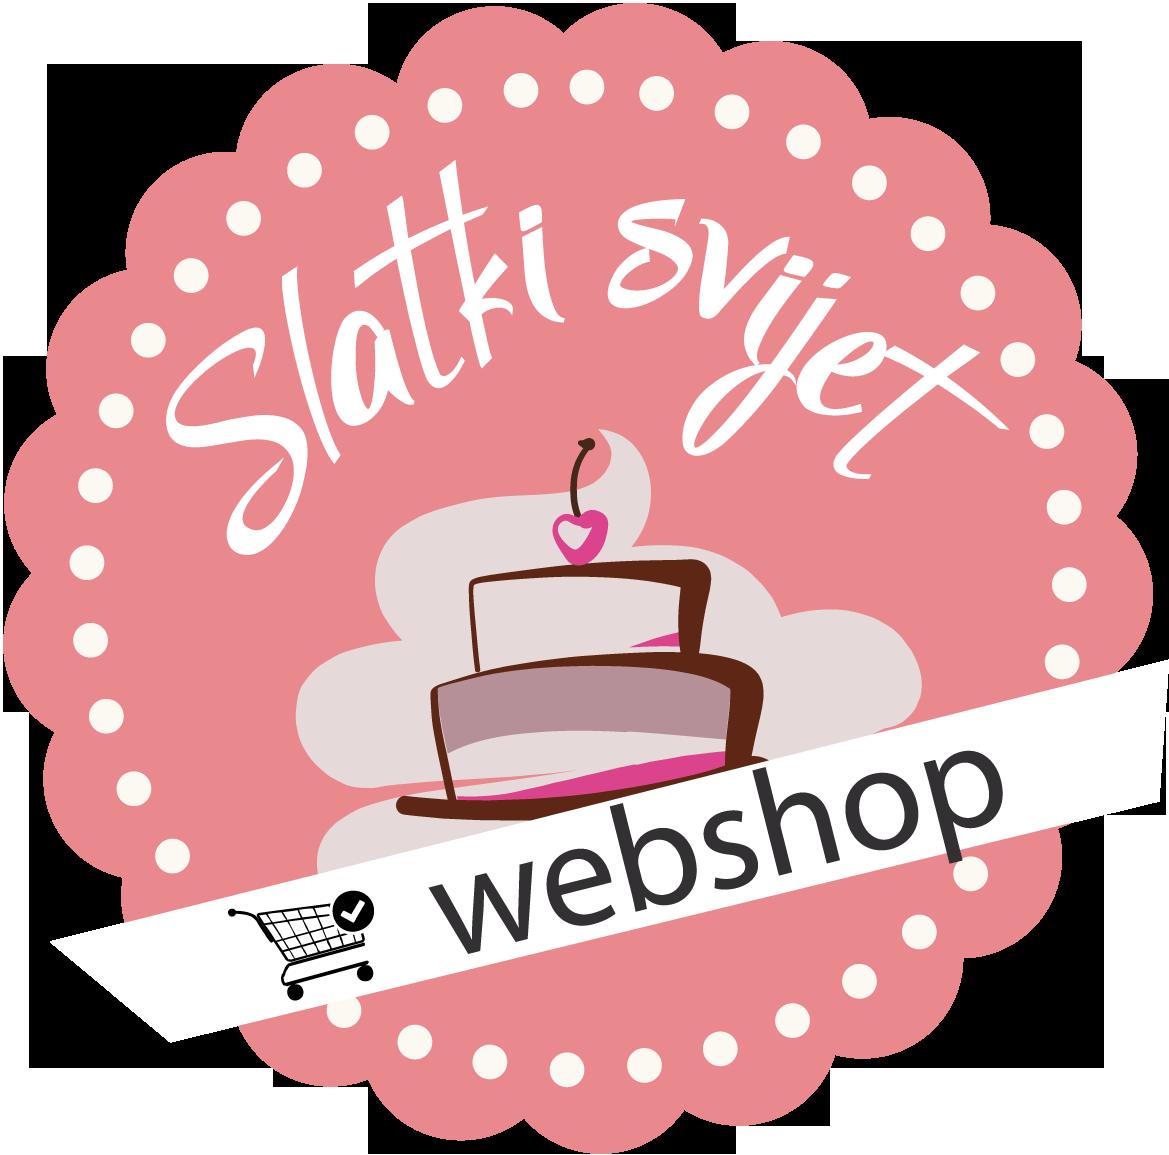 Slatki svijet – webshop